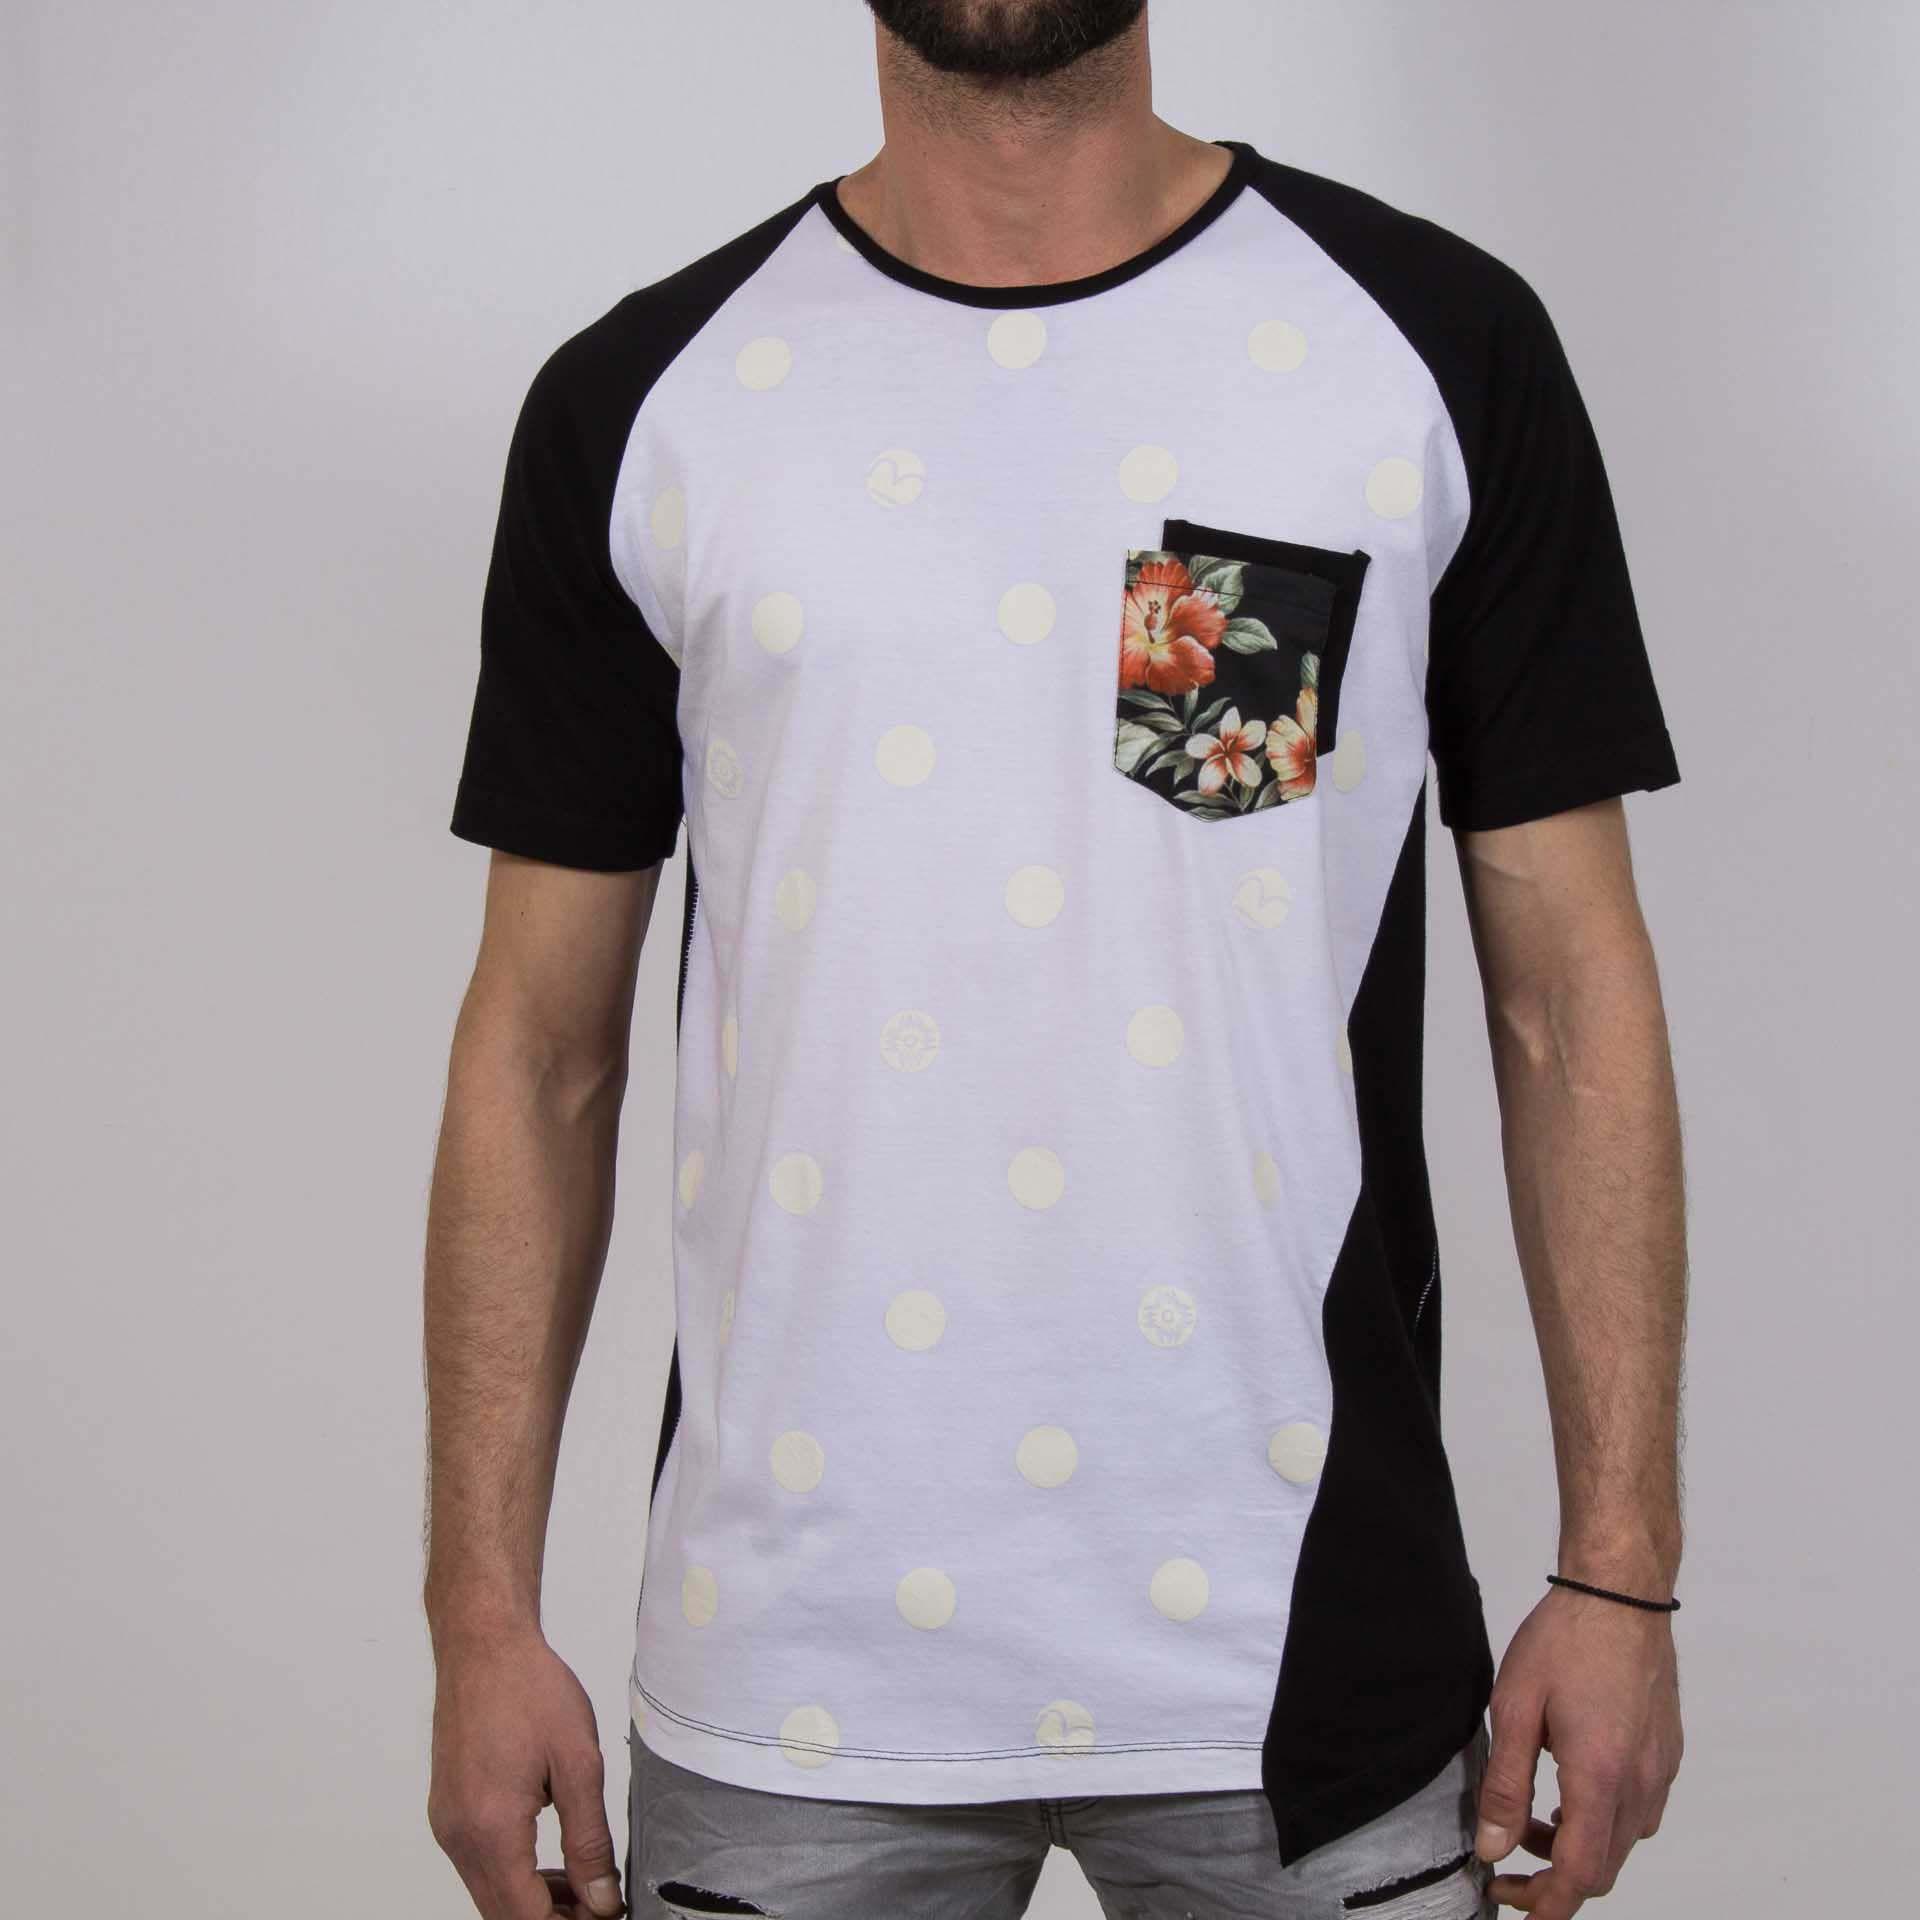 Ανδρική μπλούζα T-Shirt #Hashtag Flower